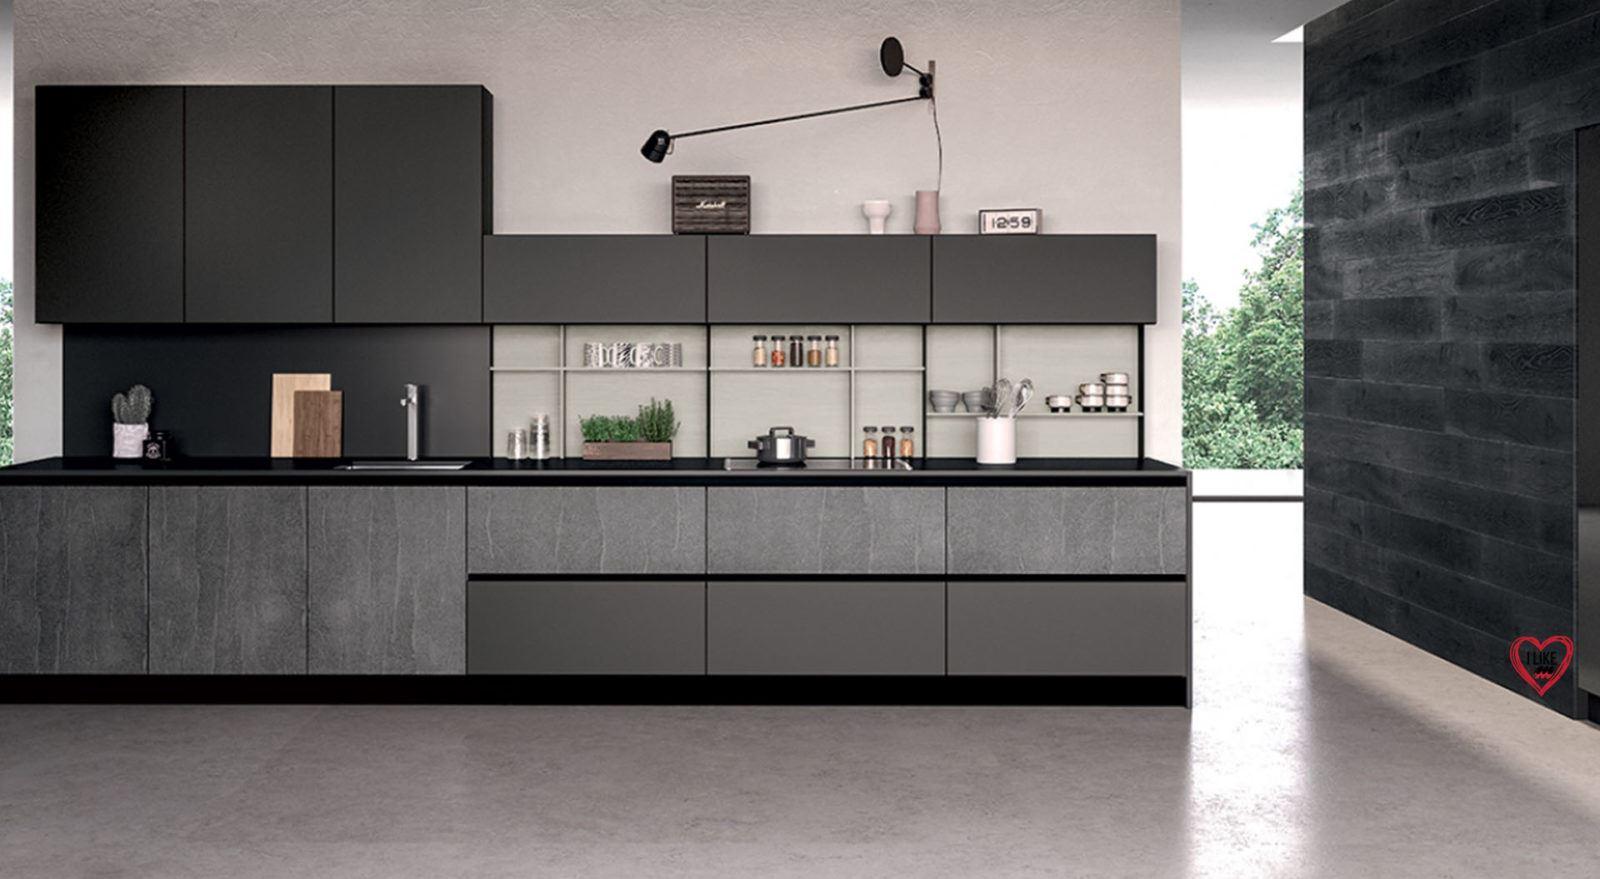 Cucine Moderne Da 3 Metri.Cucine Lineari Moderne Padova Anche In Offerta